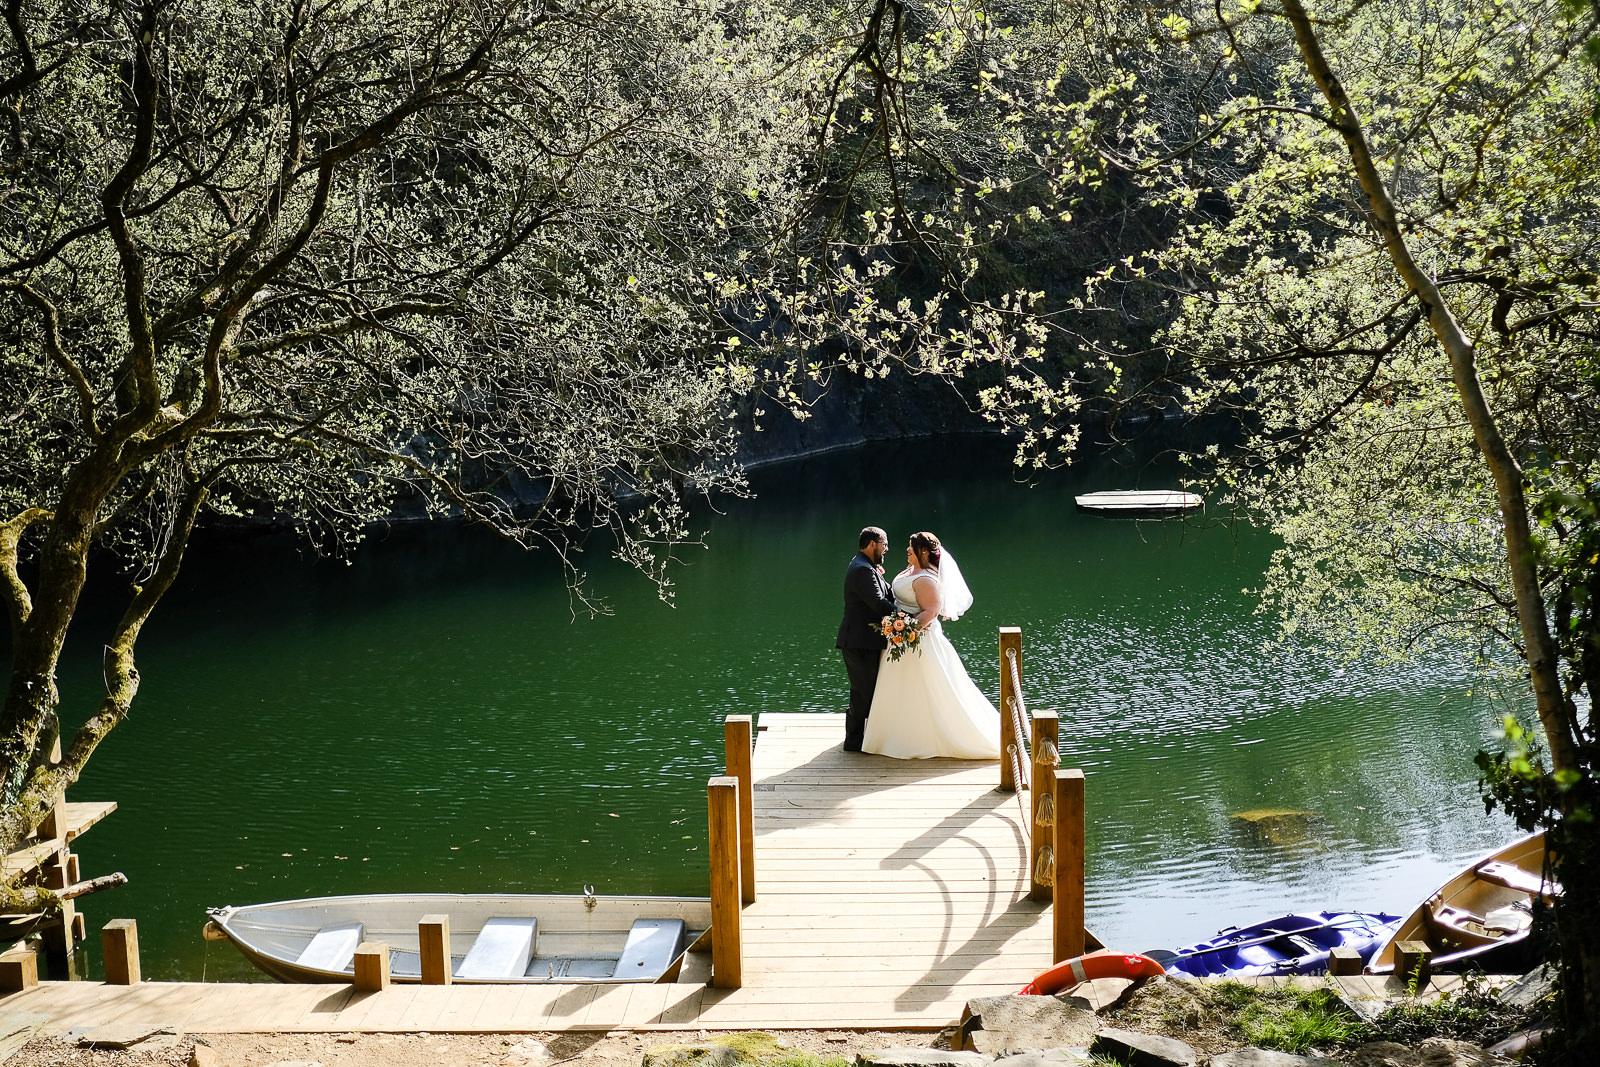 cornish tipi wedding photography 045.jpg